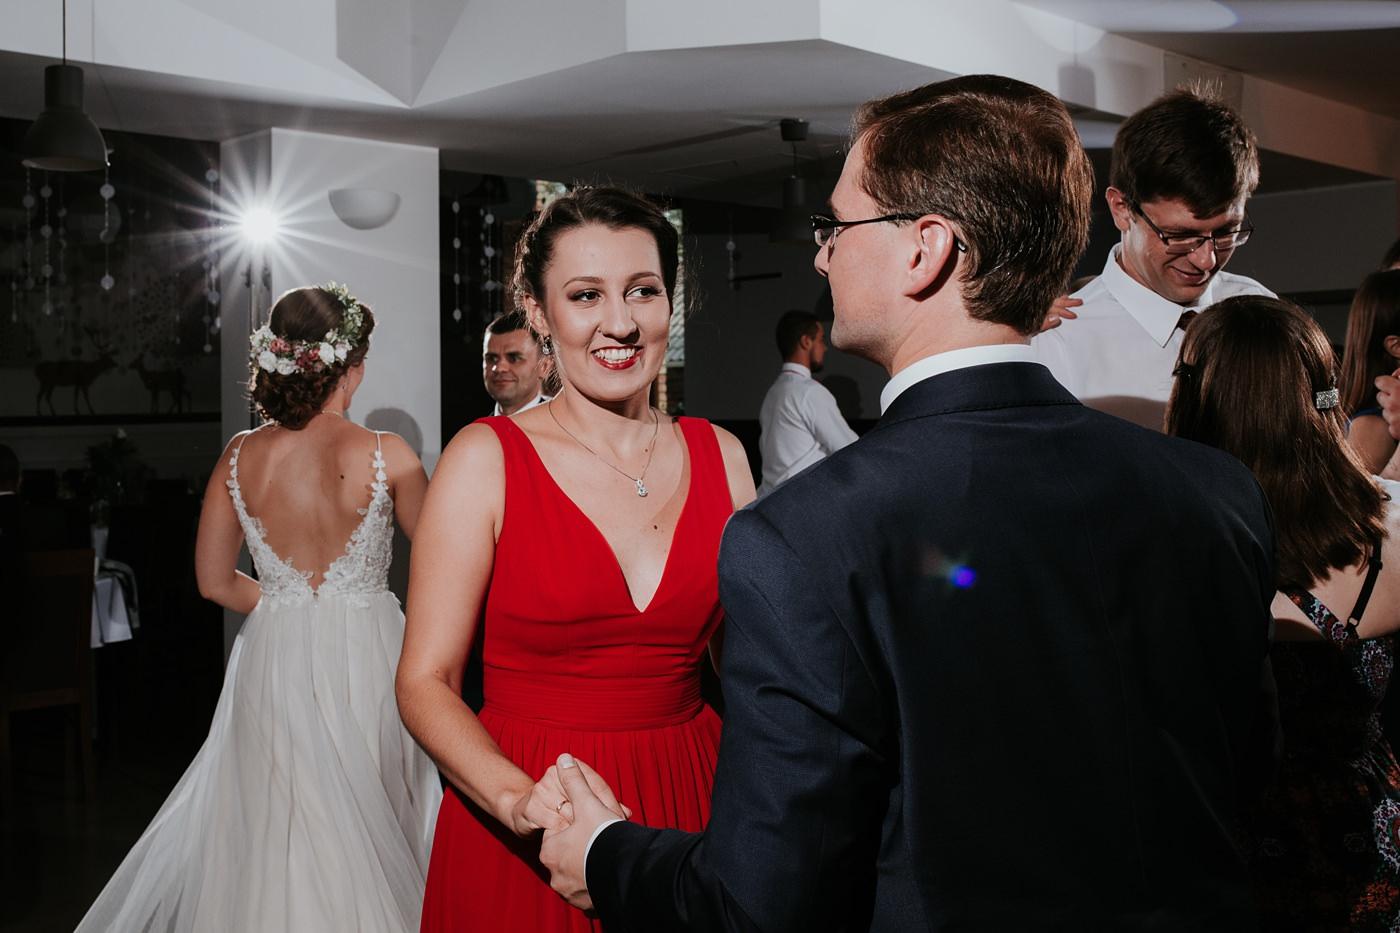 Anna & Wojtek - Ślub cywilny w plenerze - Barnówko w Sam Las 81